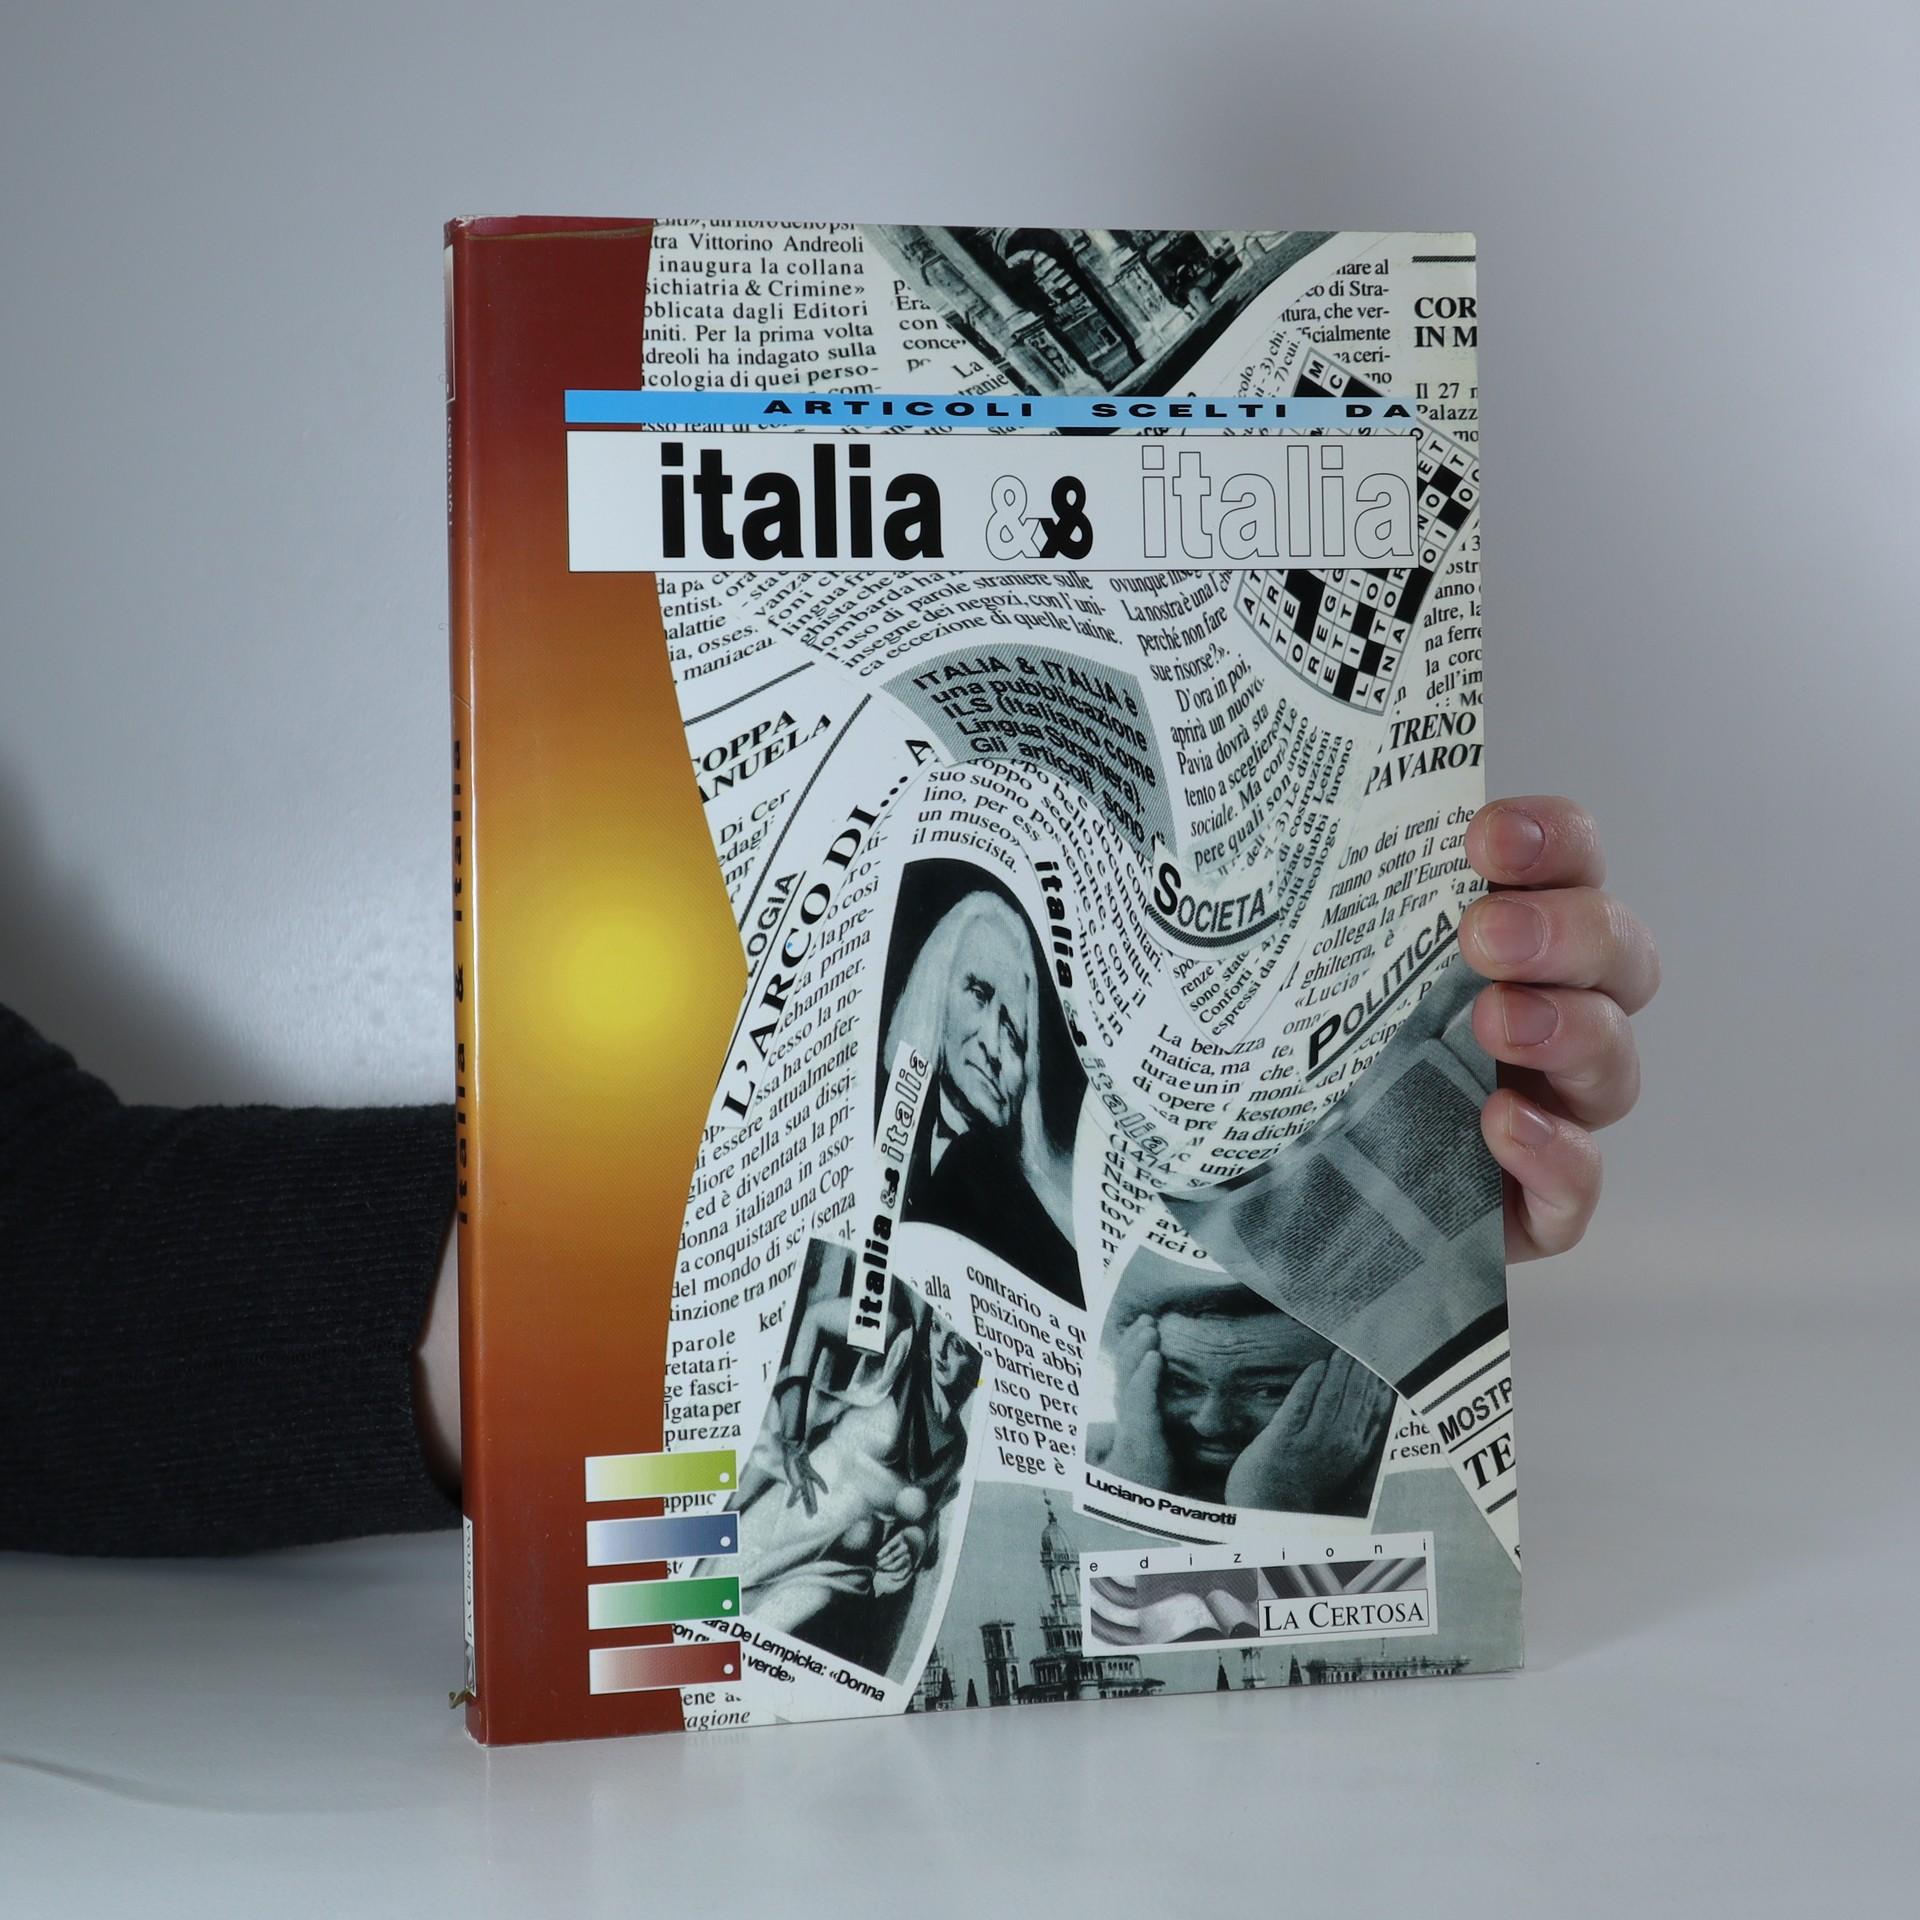 antikvární kniha Articoli scelti da Italia & Italia, neuveden